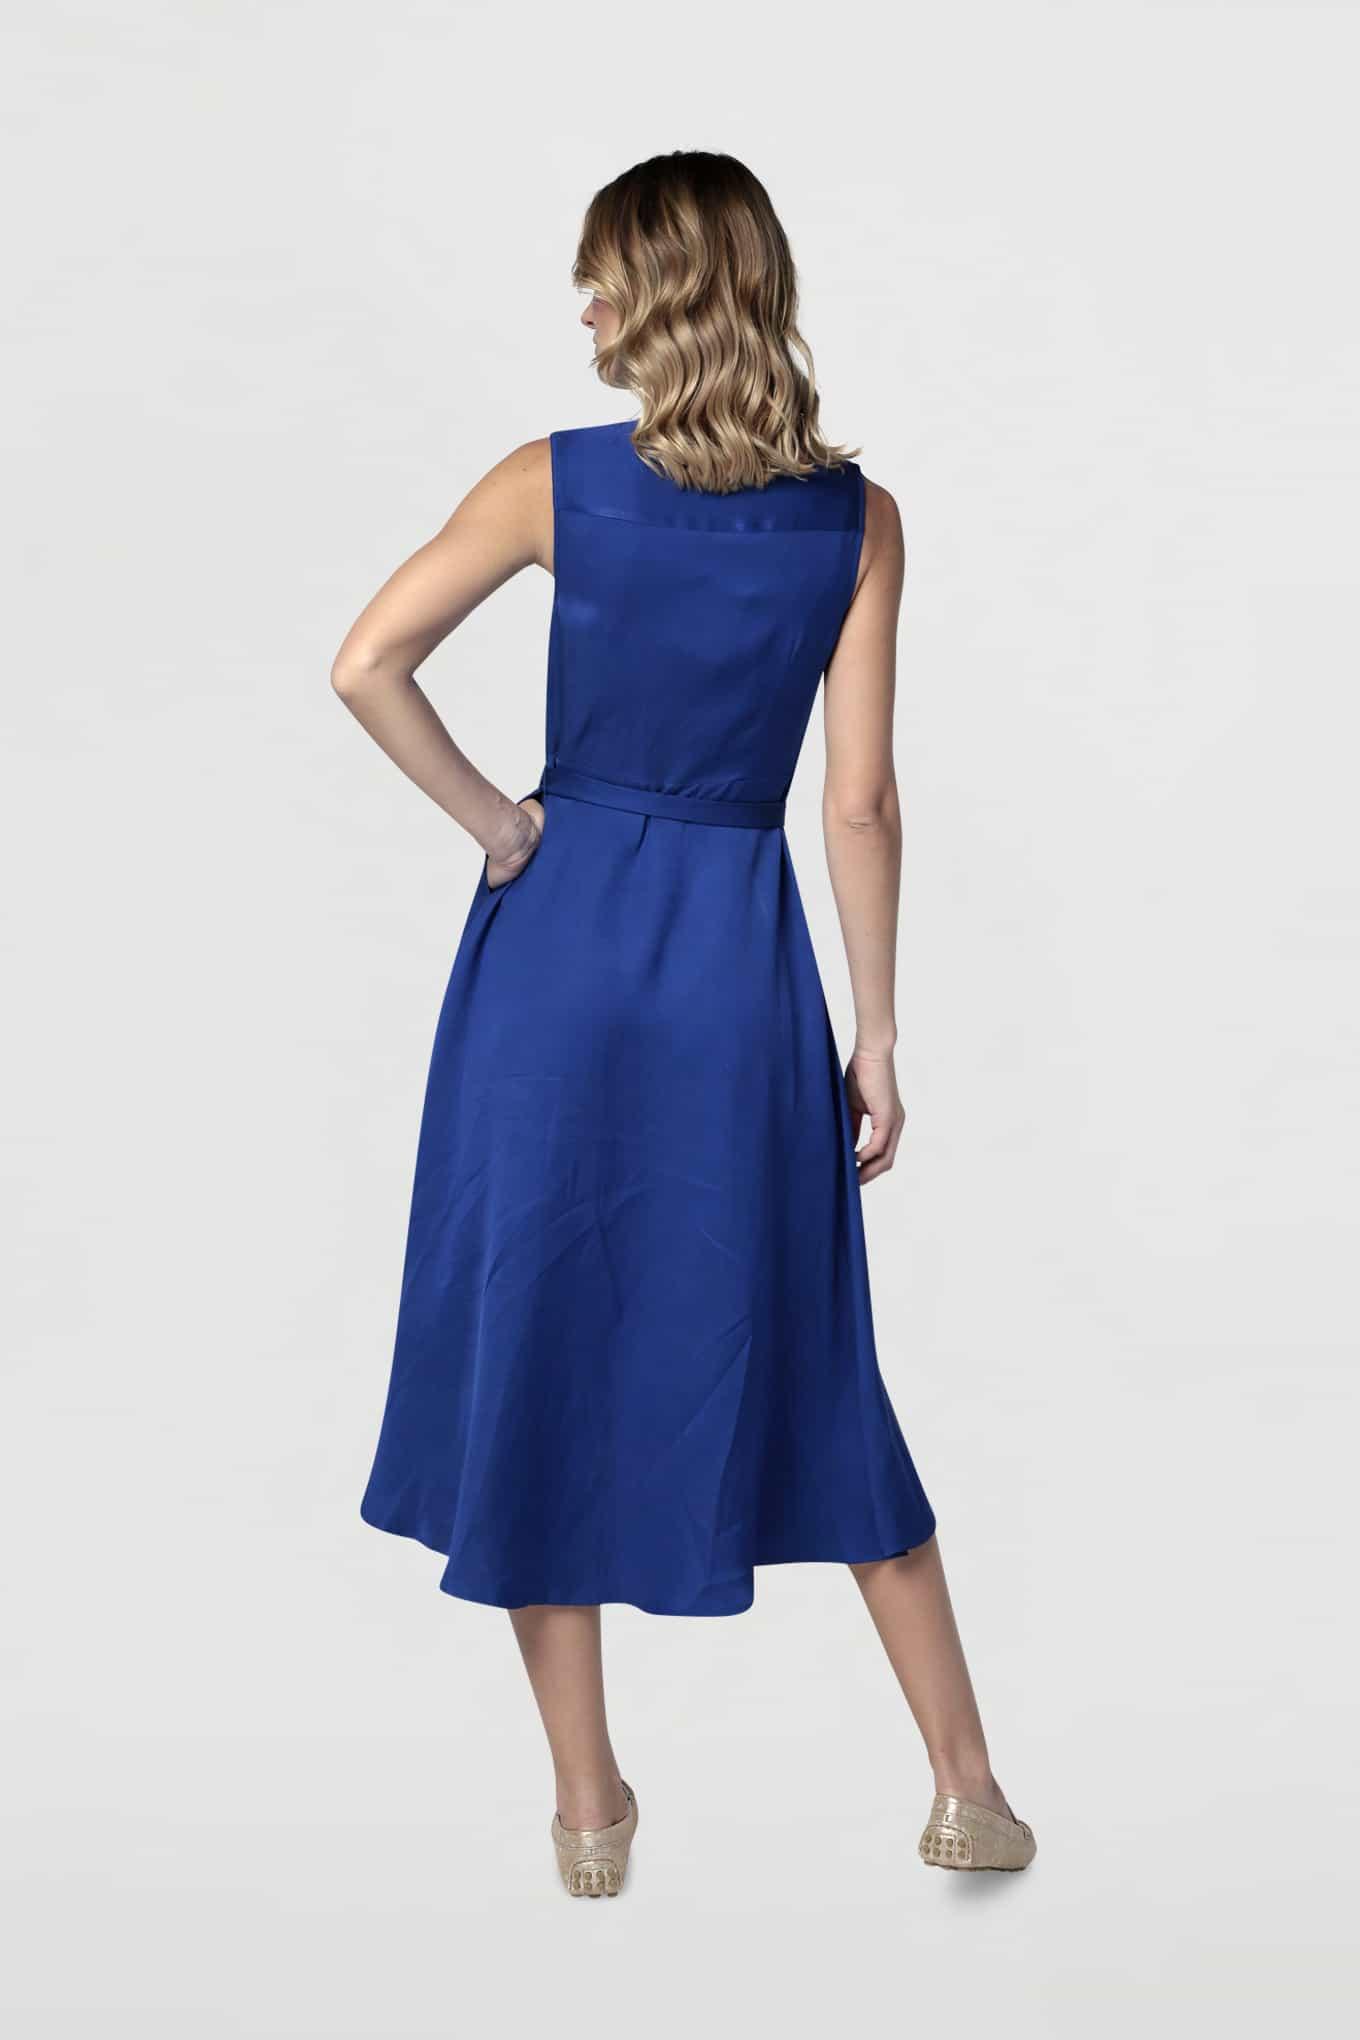 Dress Royal Blue Fantasy Woman